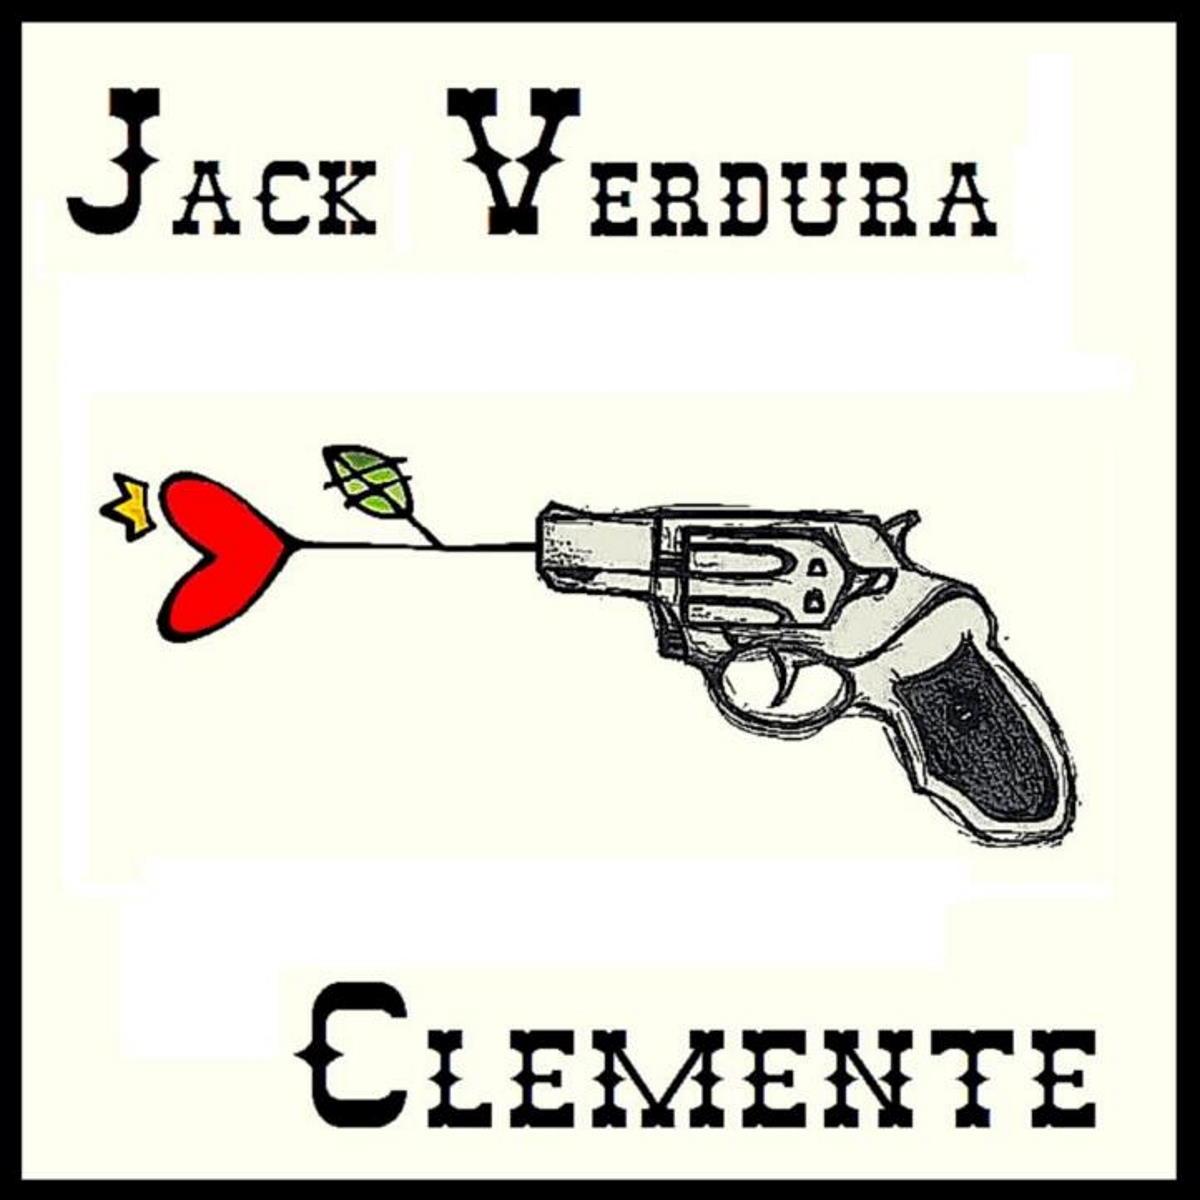 Il cantautore Clemente in corsa per Music for change con il brano Jack Verdura